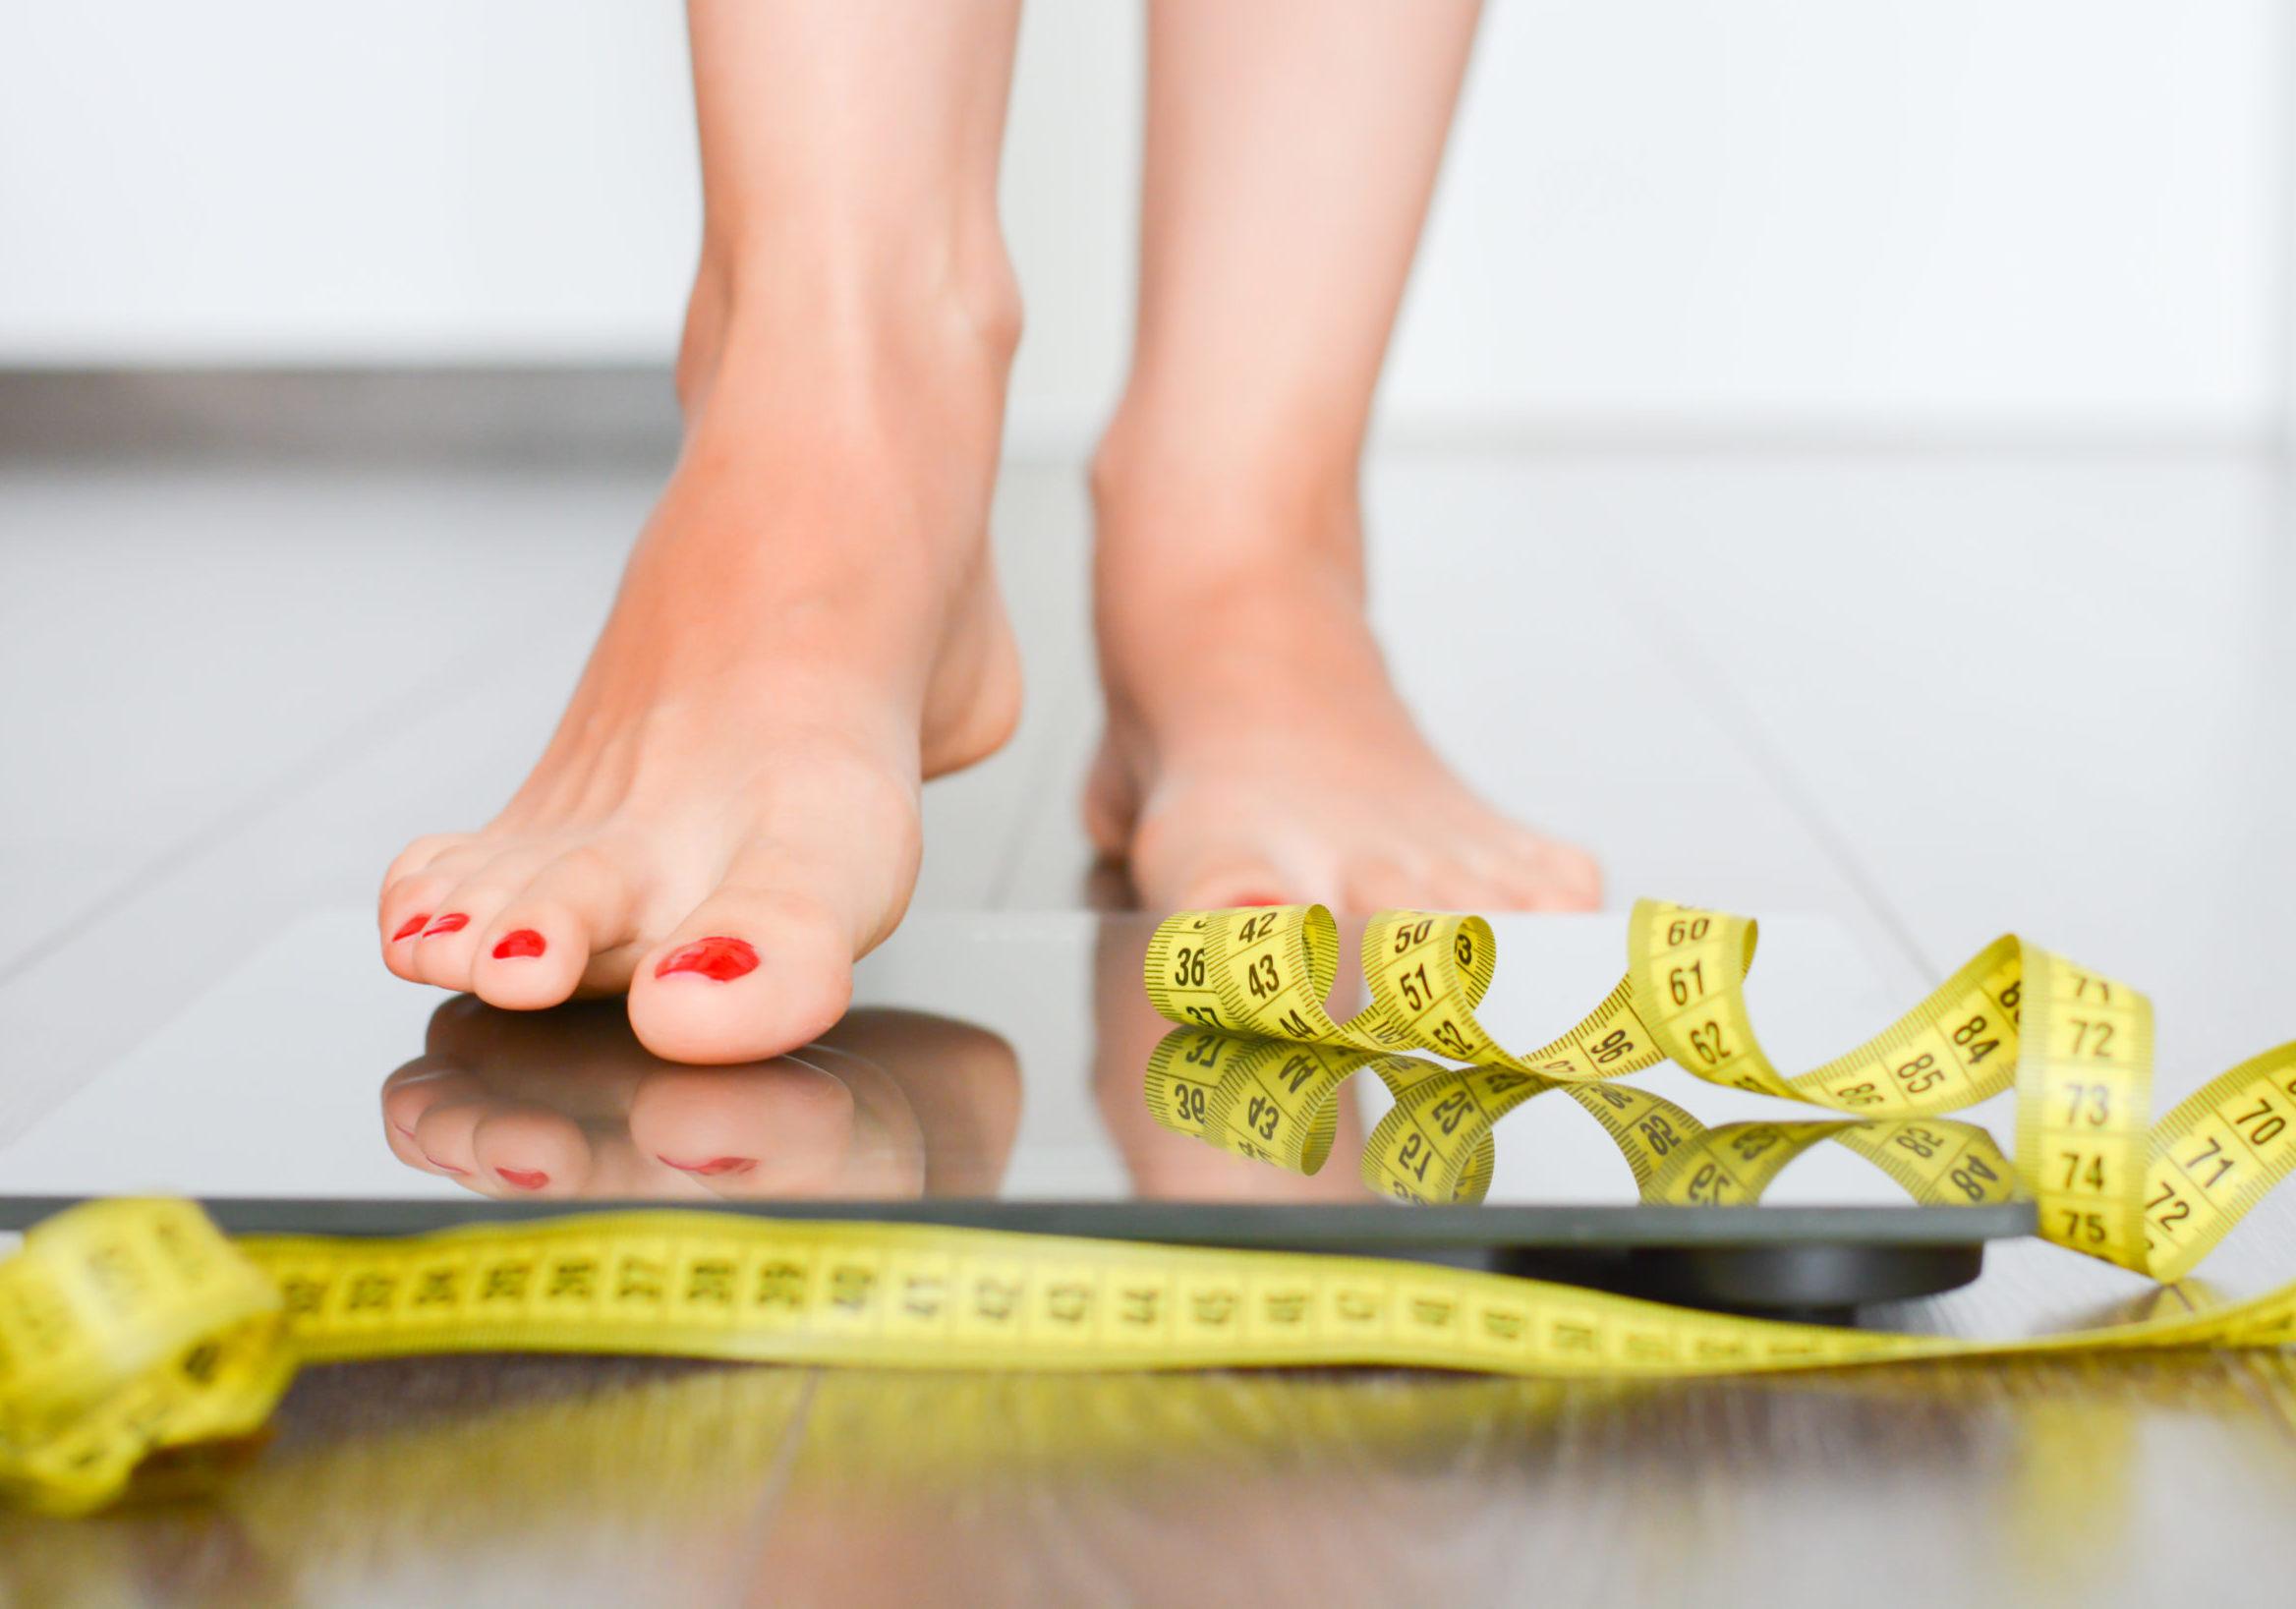 viktminskning med dieter